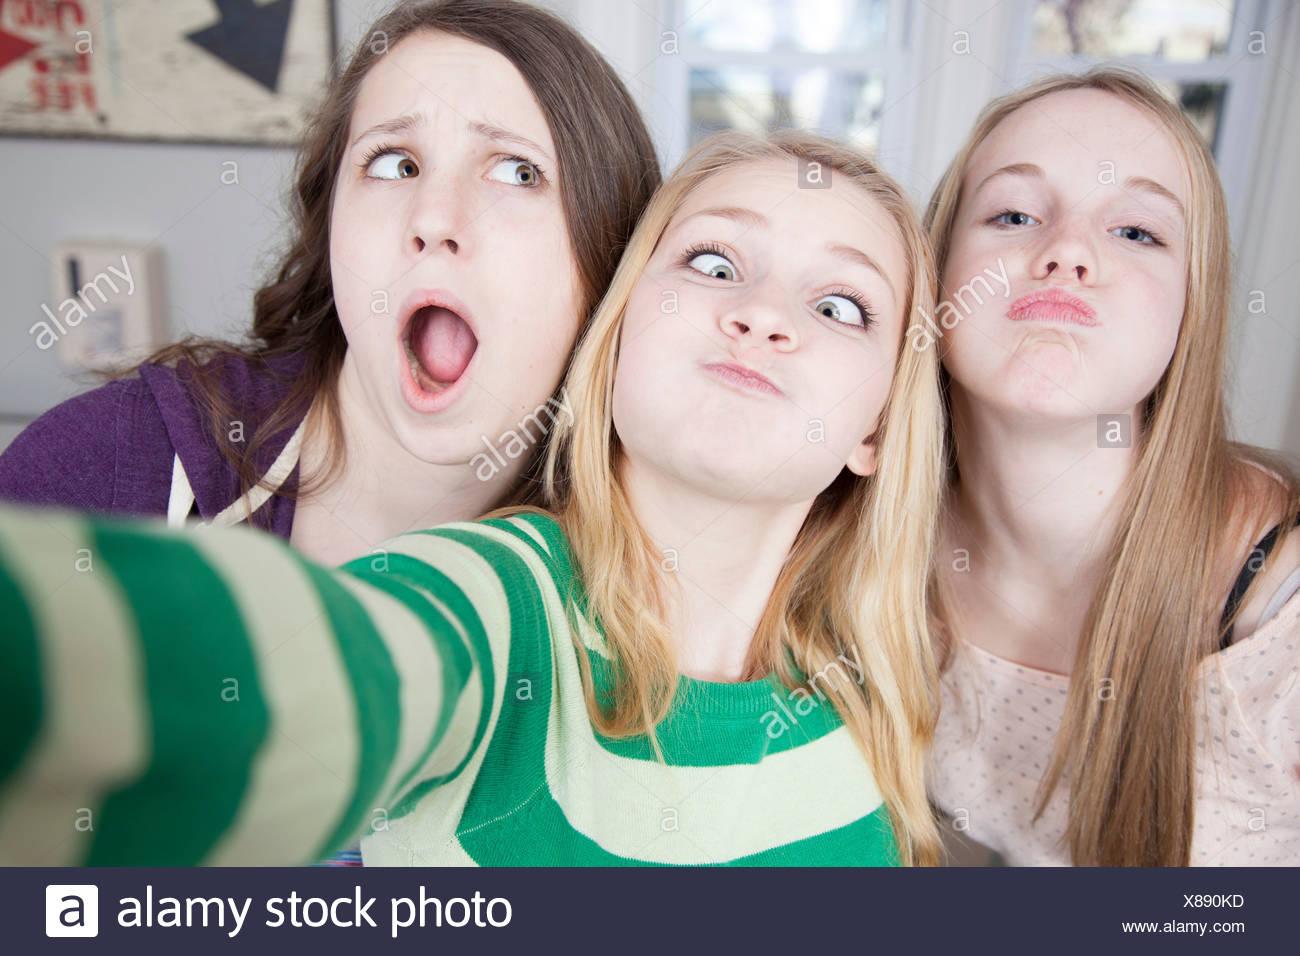 Gli adolescenti tirando funny faces Immagini Stock